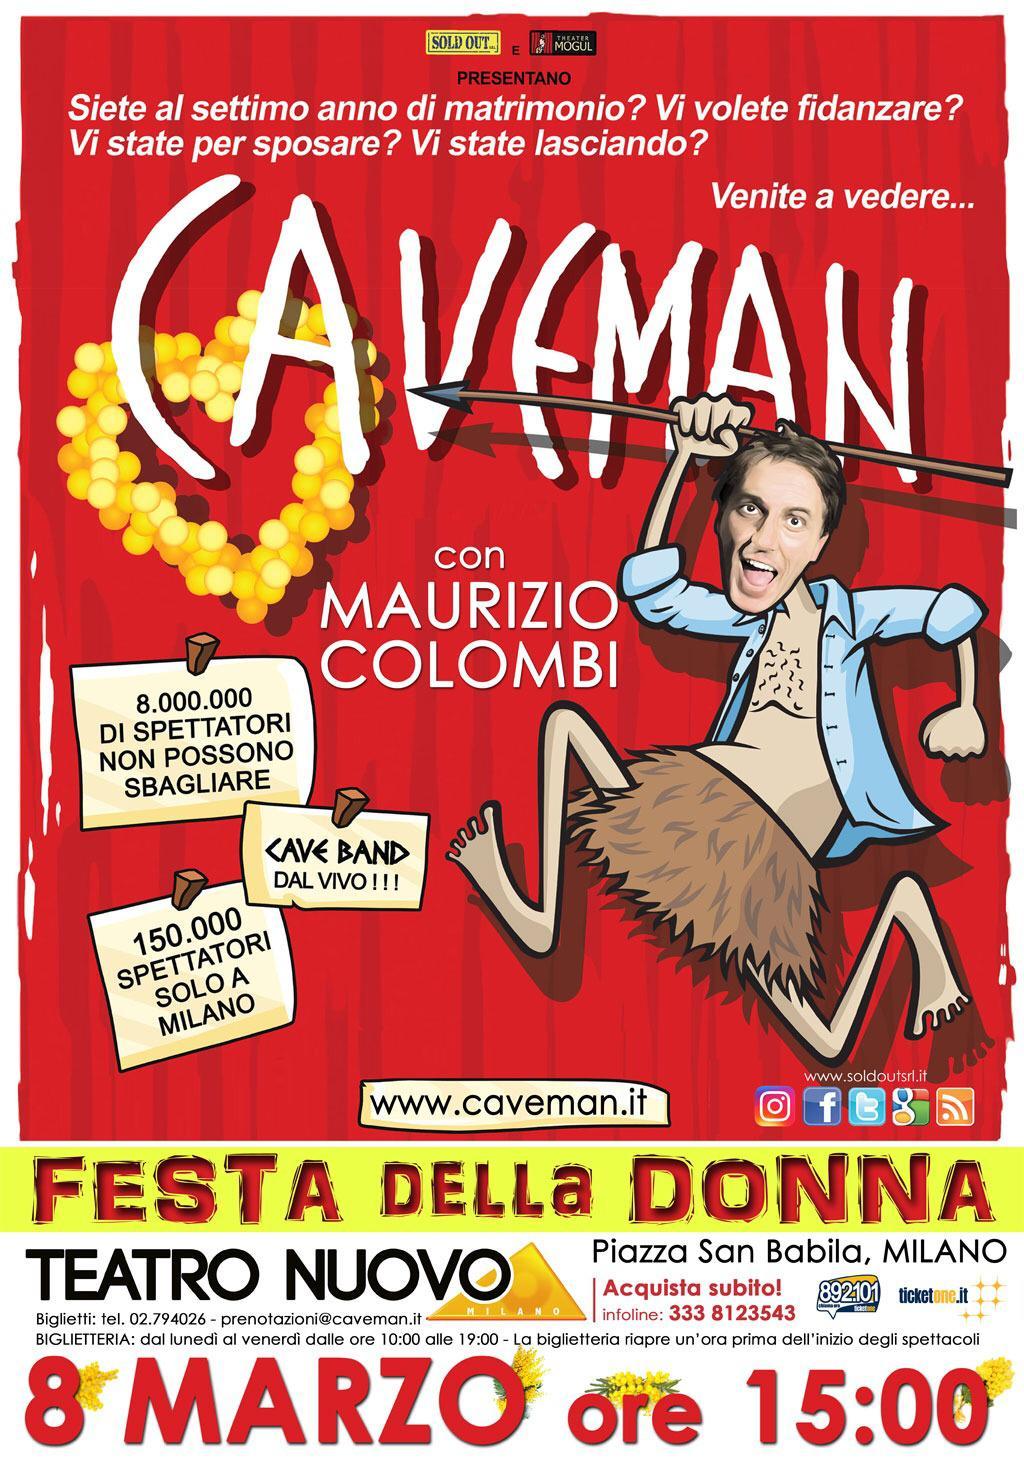 Caveman: 8 marzo, ore 15.00 al Teatro Nuovo di Milano